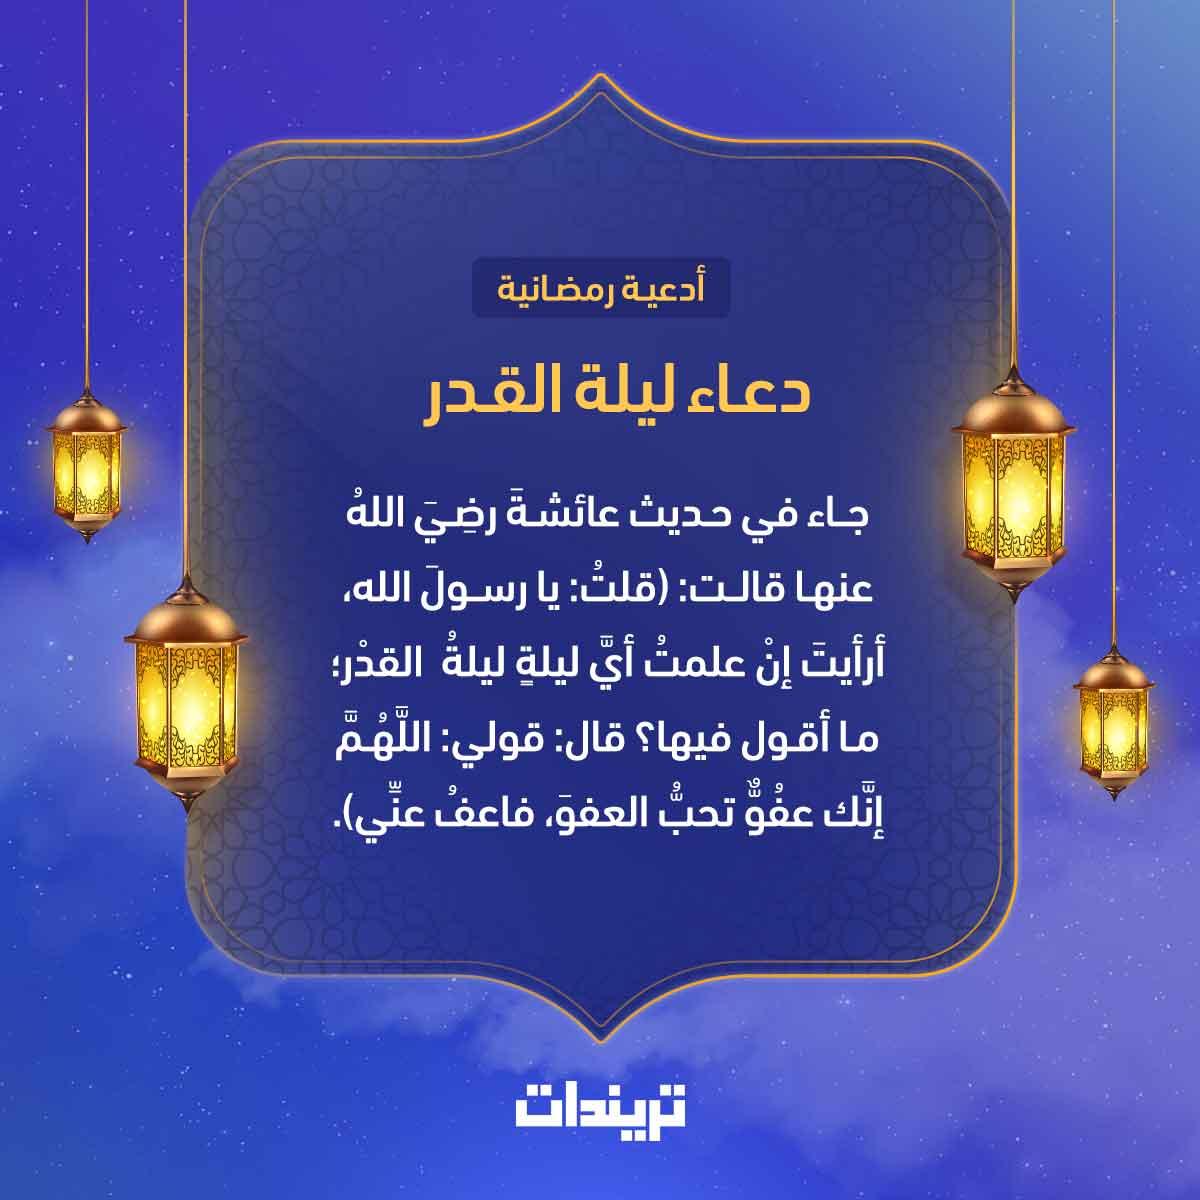 متى تبدأ العشر الاواخر من رمضان 2021